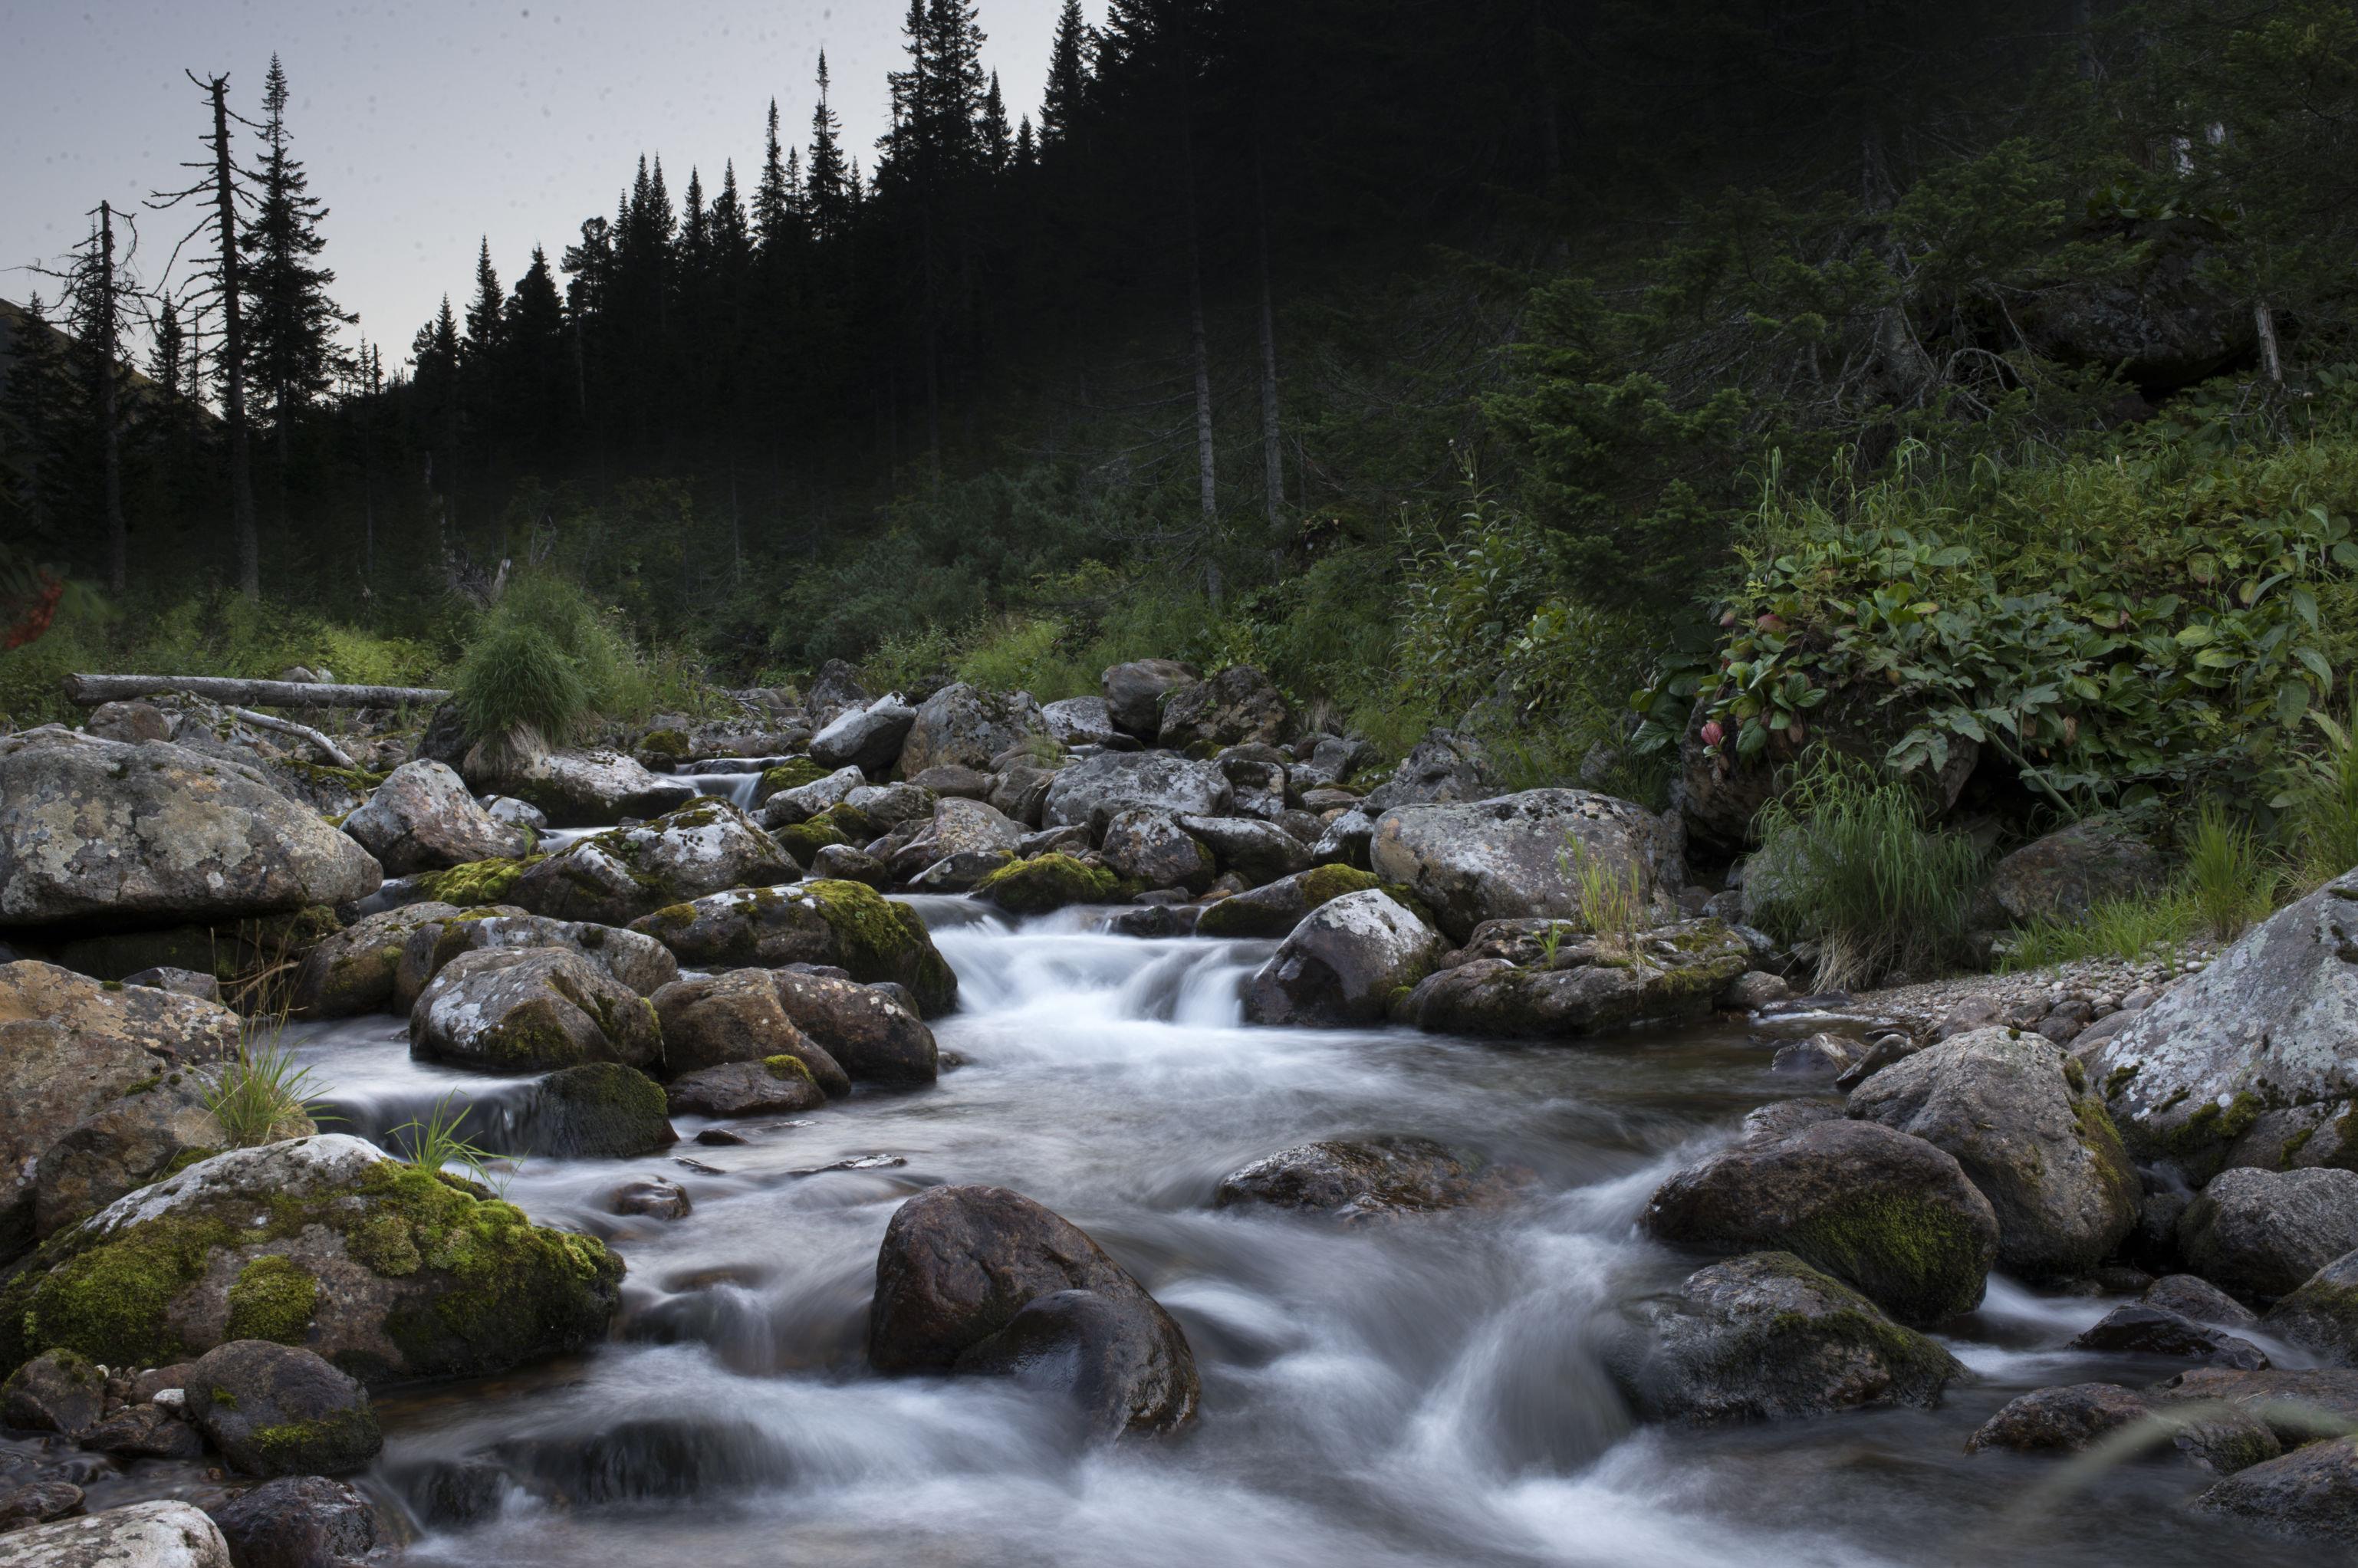 El río Osínovka en el parque nacional Baikal.